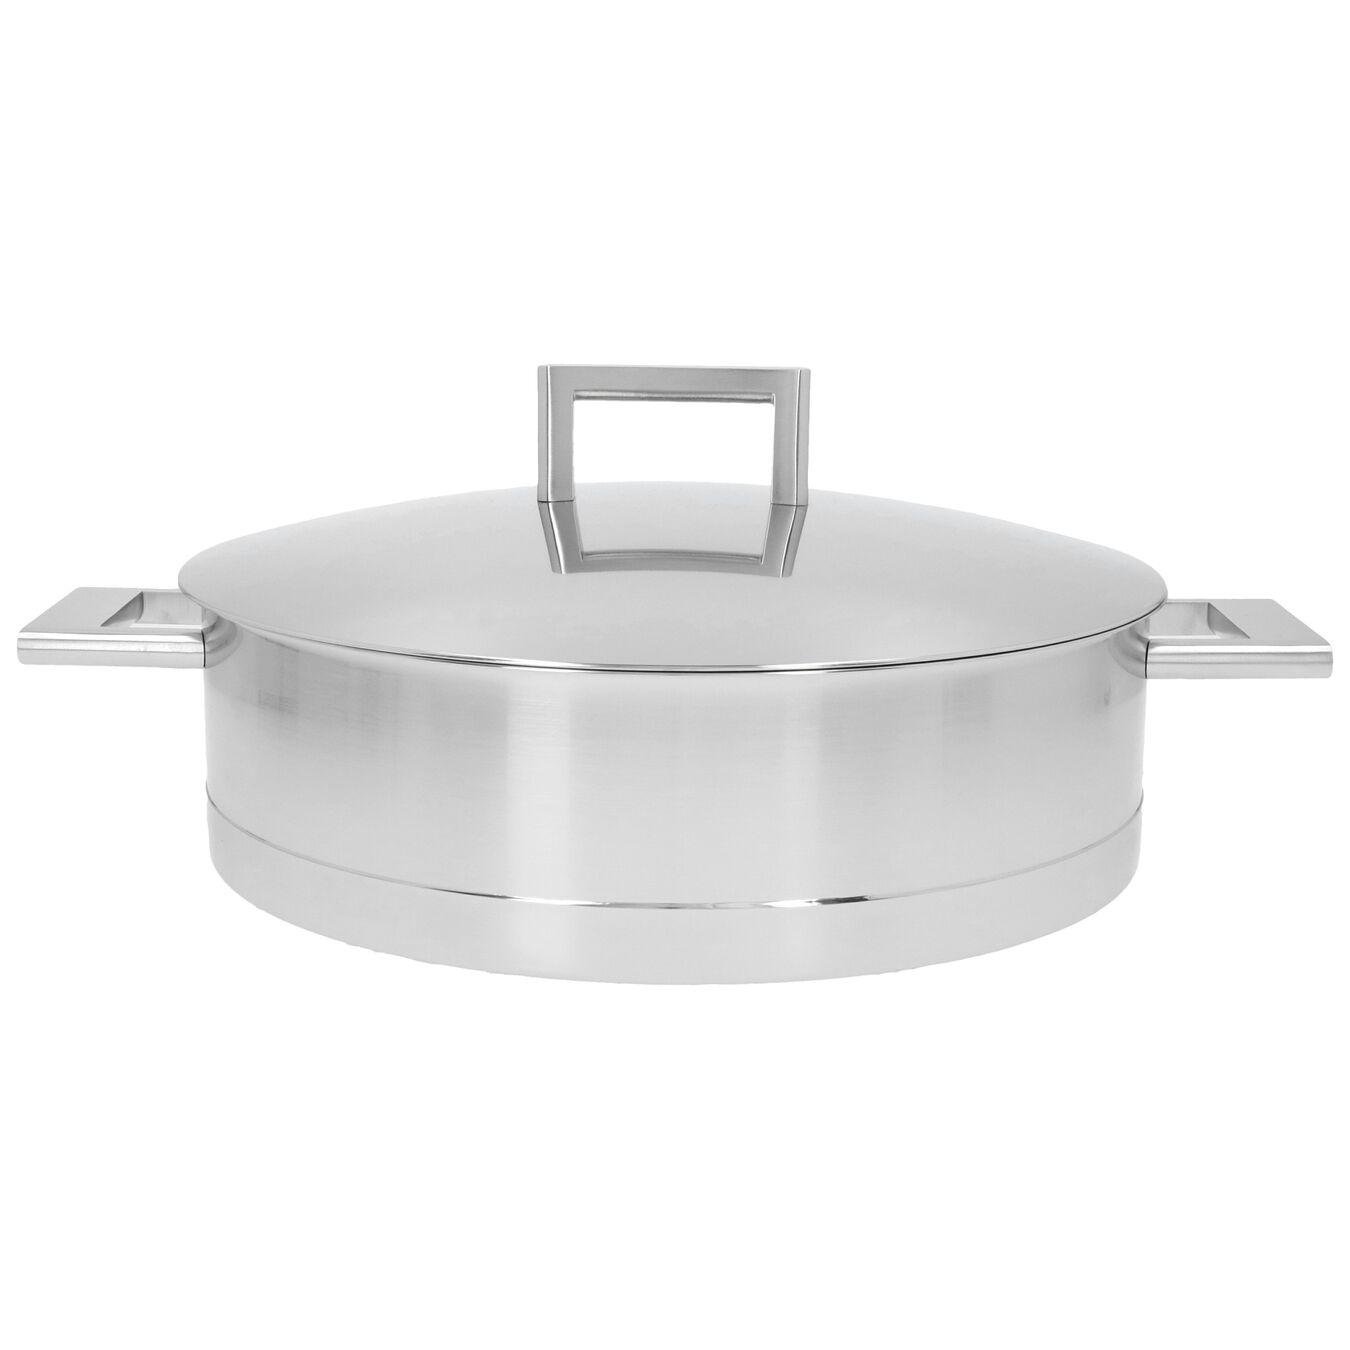 Kookpan met dubbelwandig deksel 28 cm / 4.8 l,,large 1